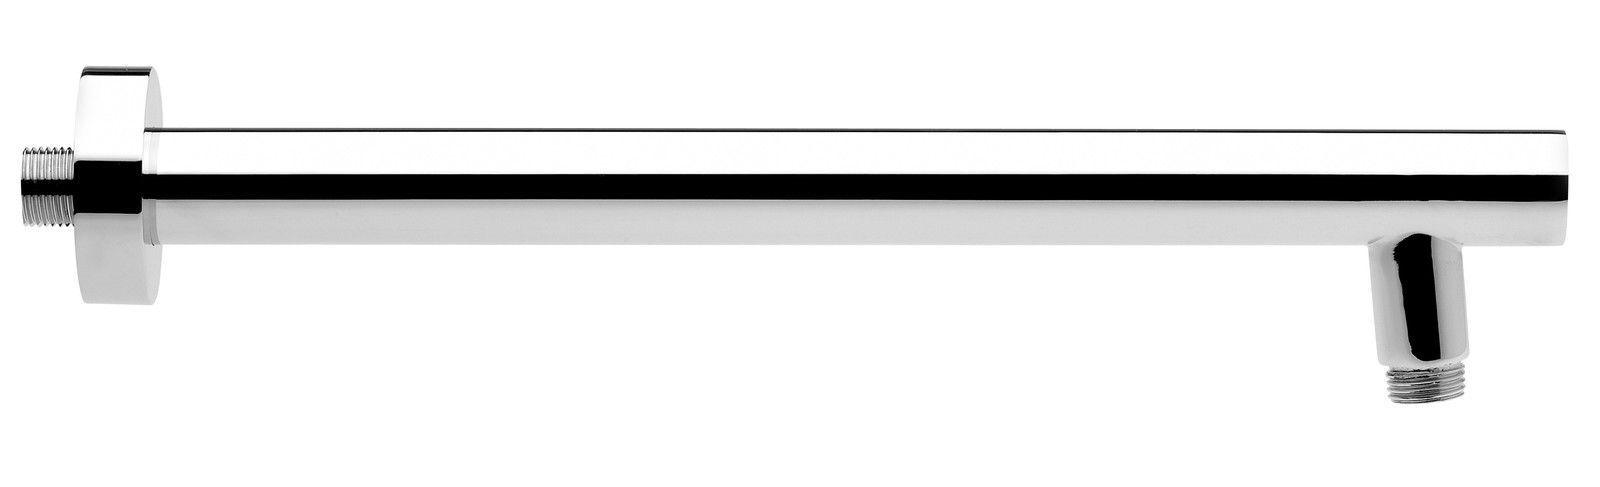 Design Zulaufarm Wandarm für Duschkopf Kopfbrause 40cm Chrom | Verrückte Preis  | Modernes Design  | Spielzeug mit kindlichen Herzen herstellen  | Kaufen